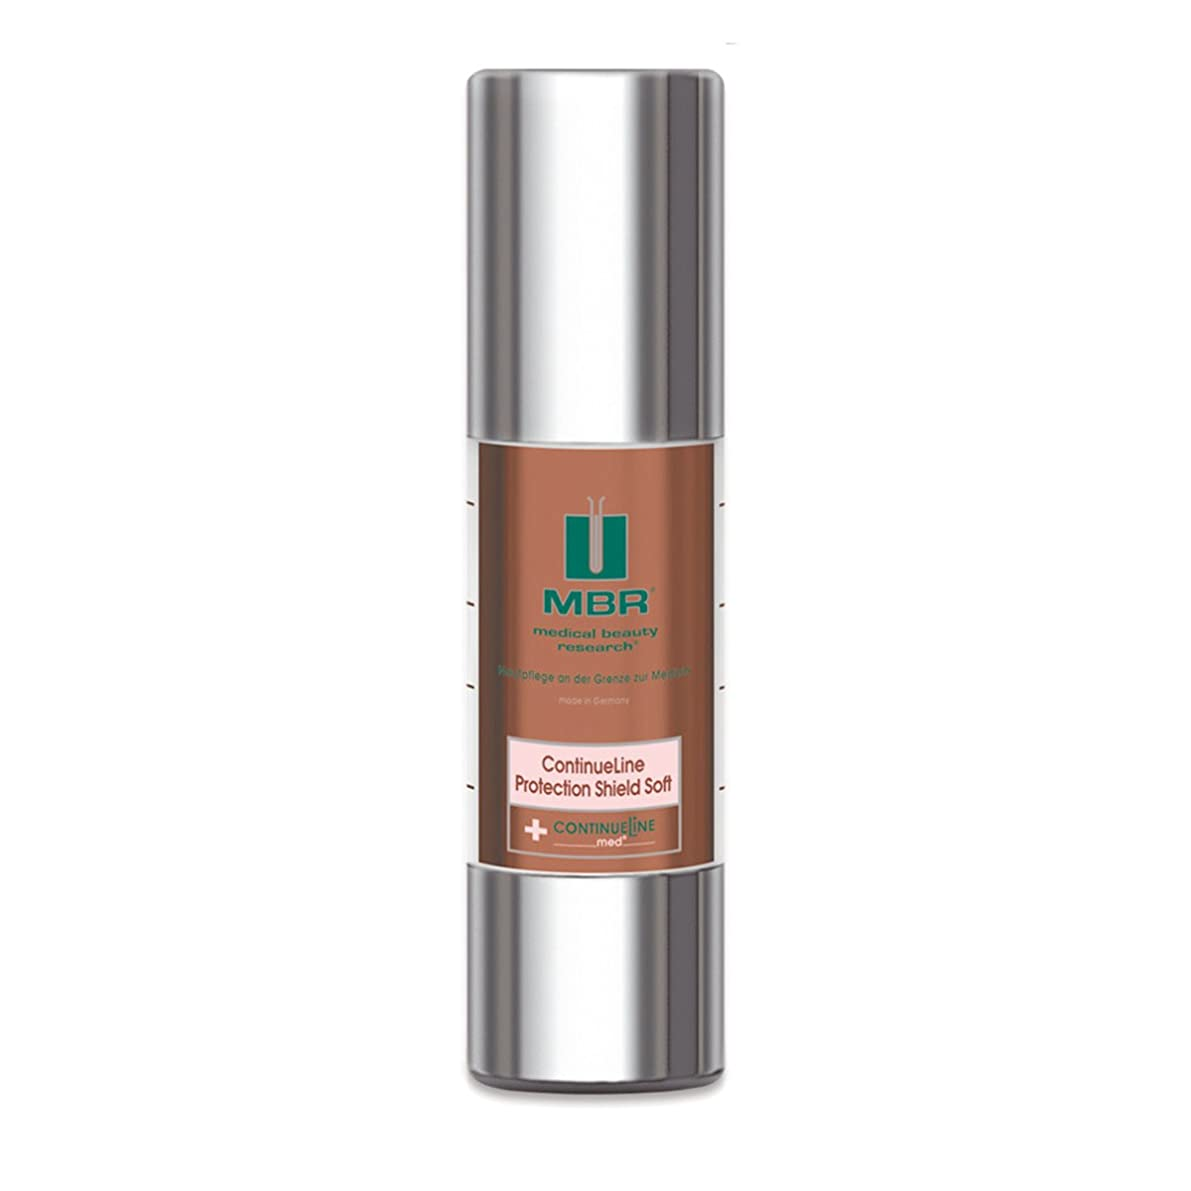 バルク納税者ガレージMBR Medical Beauty Research ContinueLine Med ContinueLine Protection Shield Soft 50ml/1.7oz並行輸入品